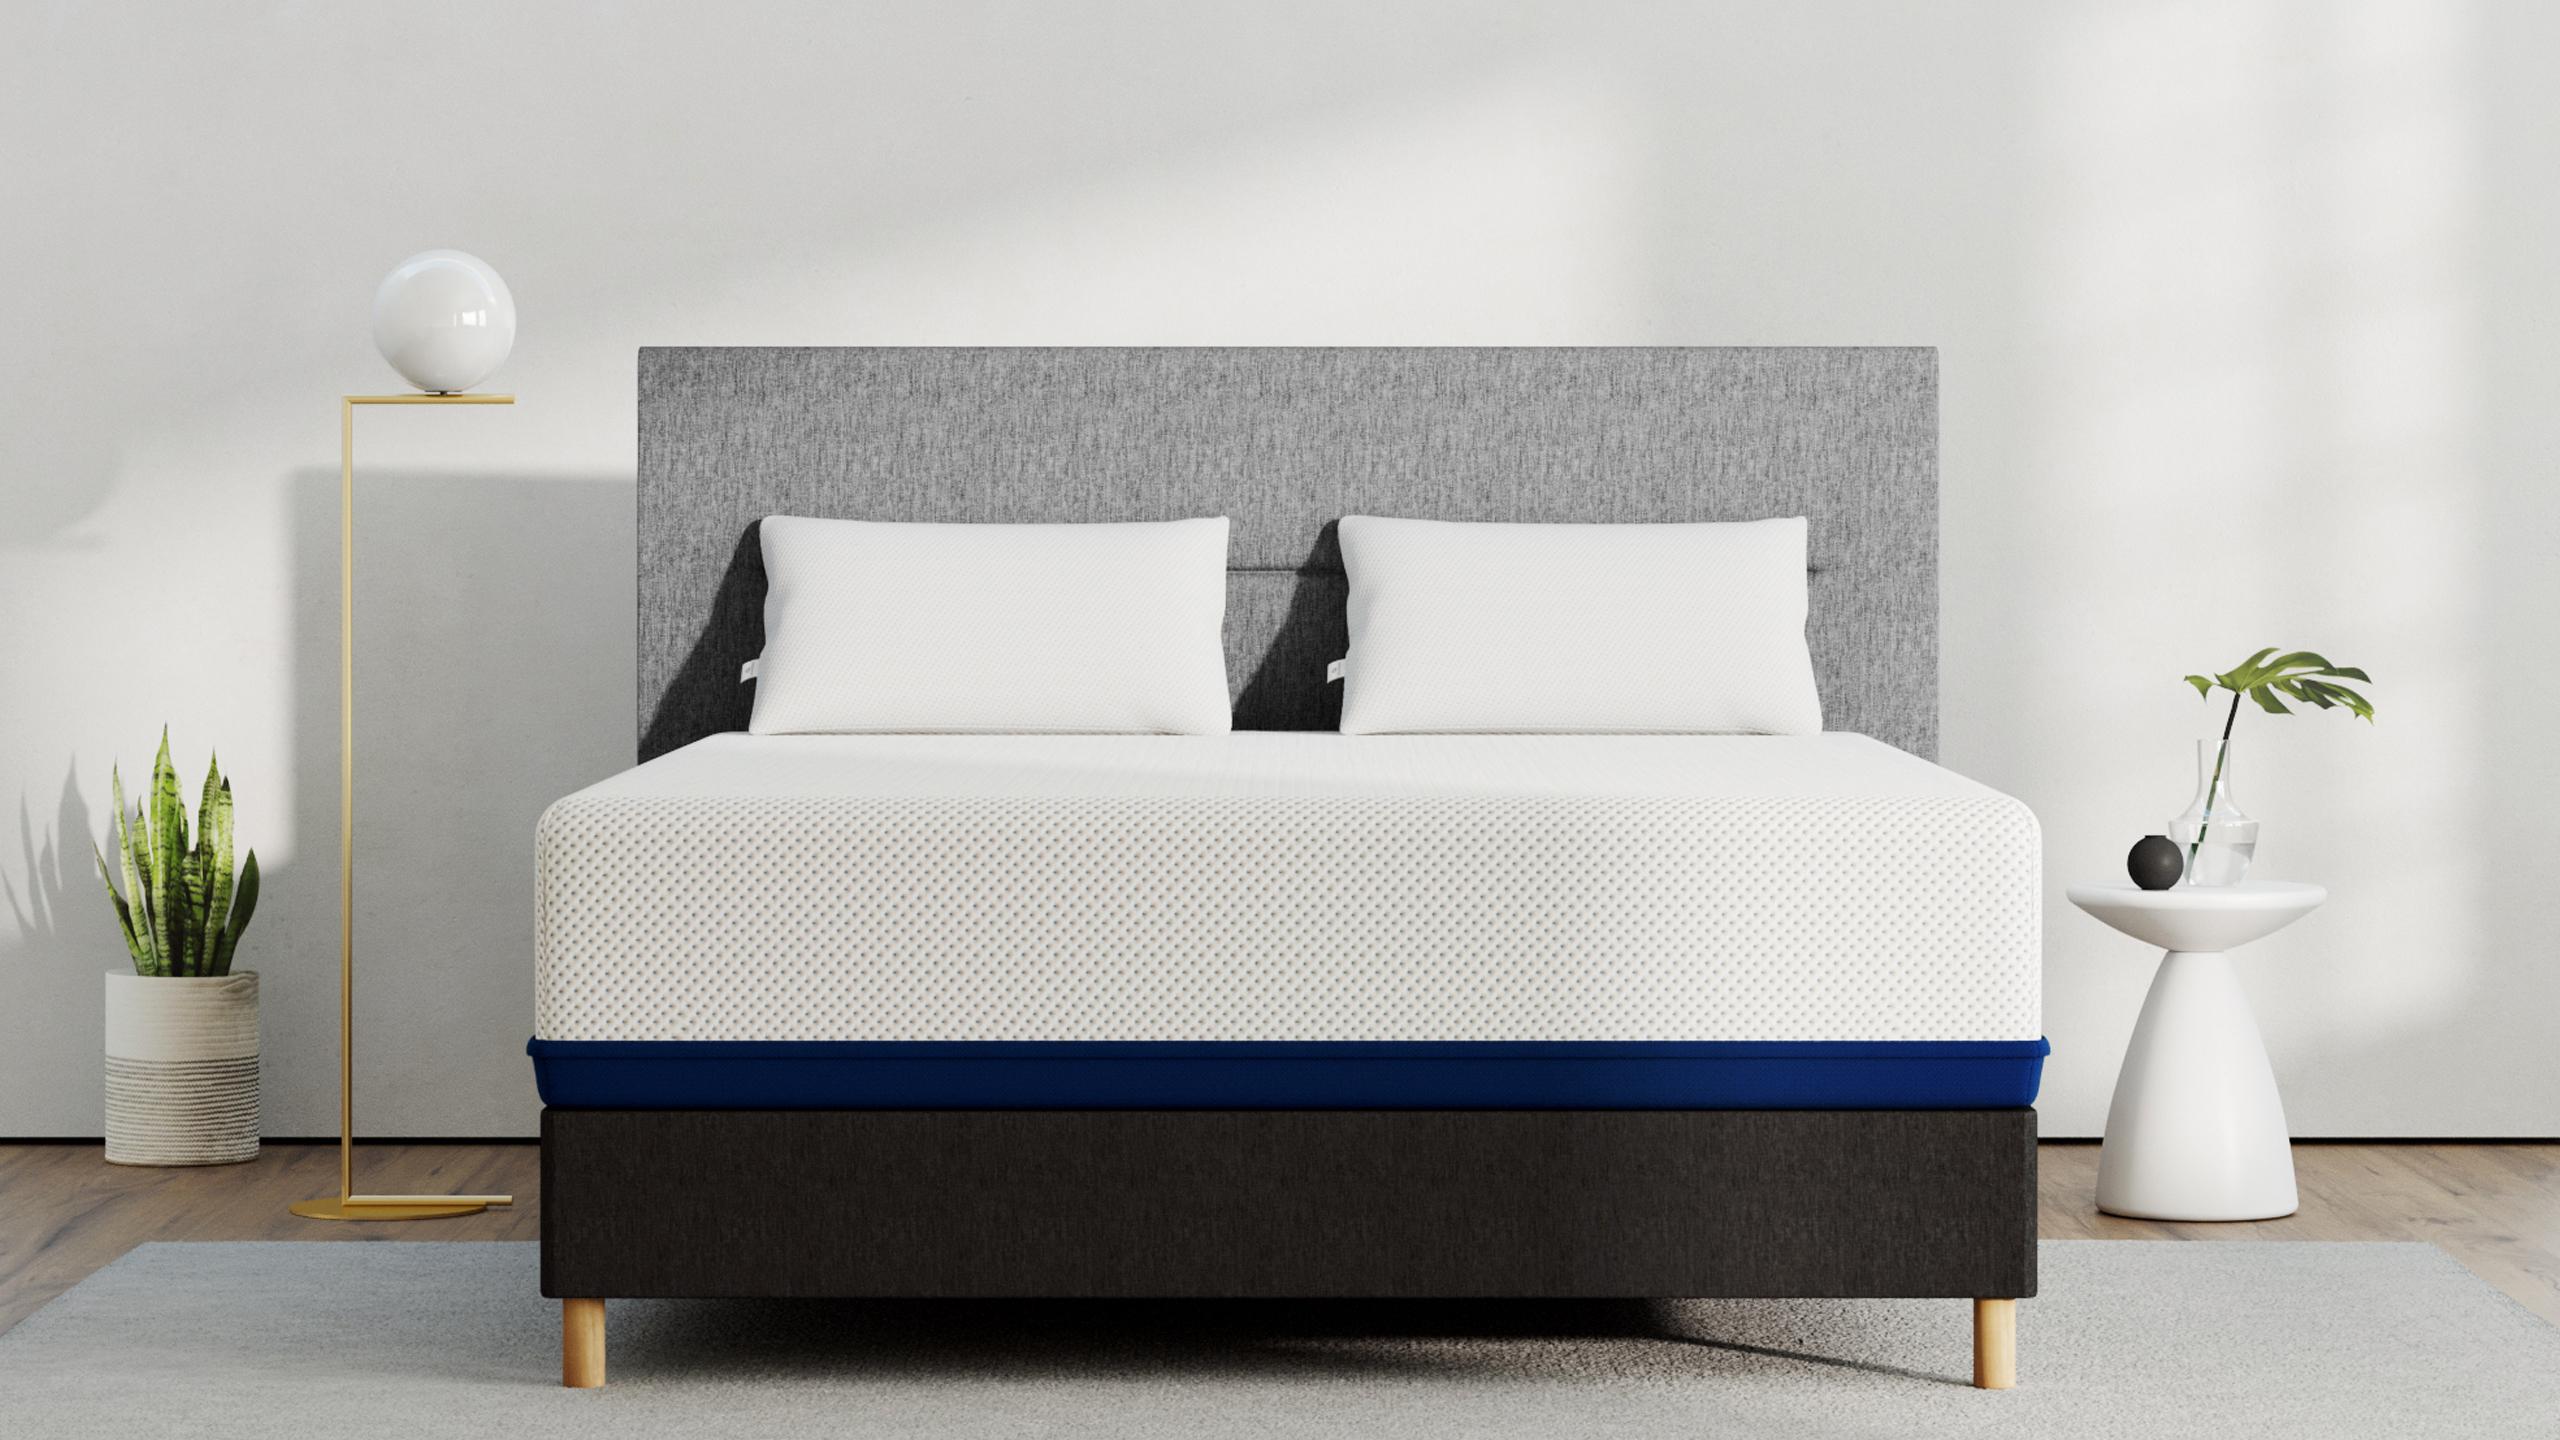 Amerisleep New Headboard Room AS5 Style 2